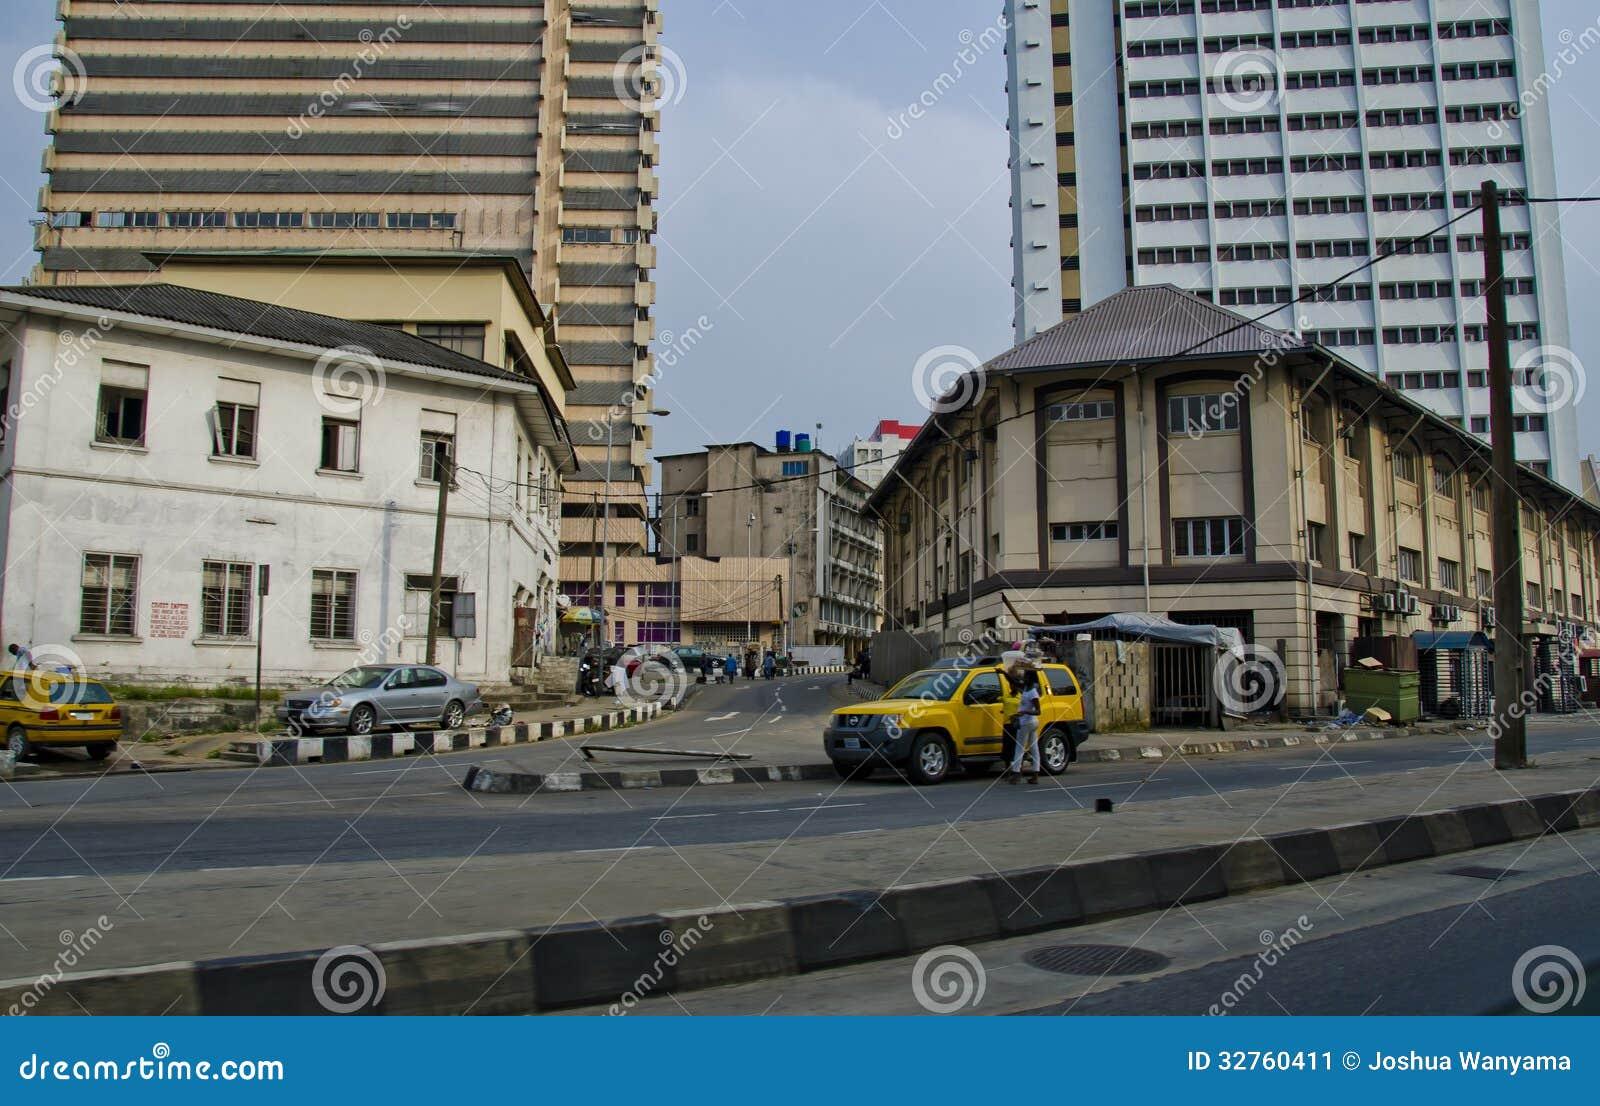 rua em lagos nigéria foto editorial imagem de edifícios 32760411